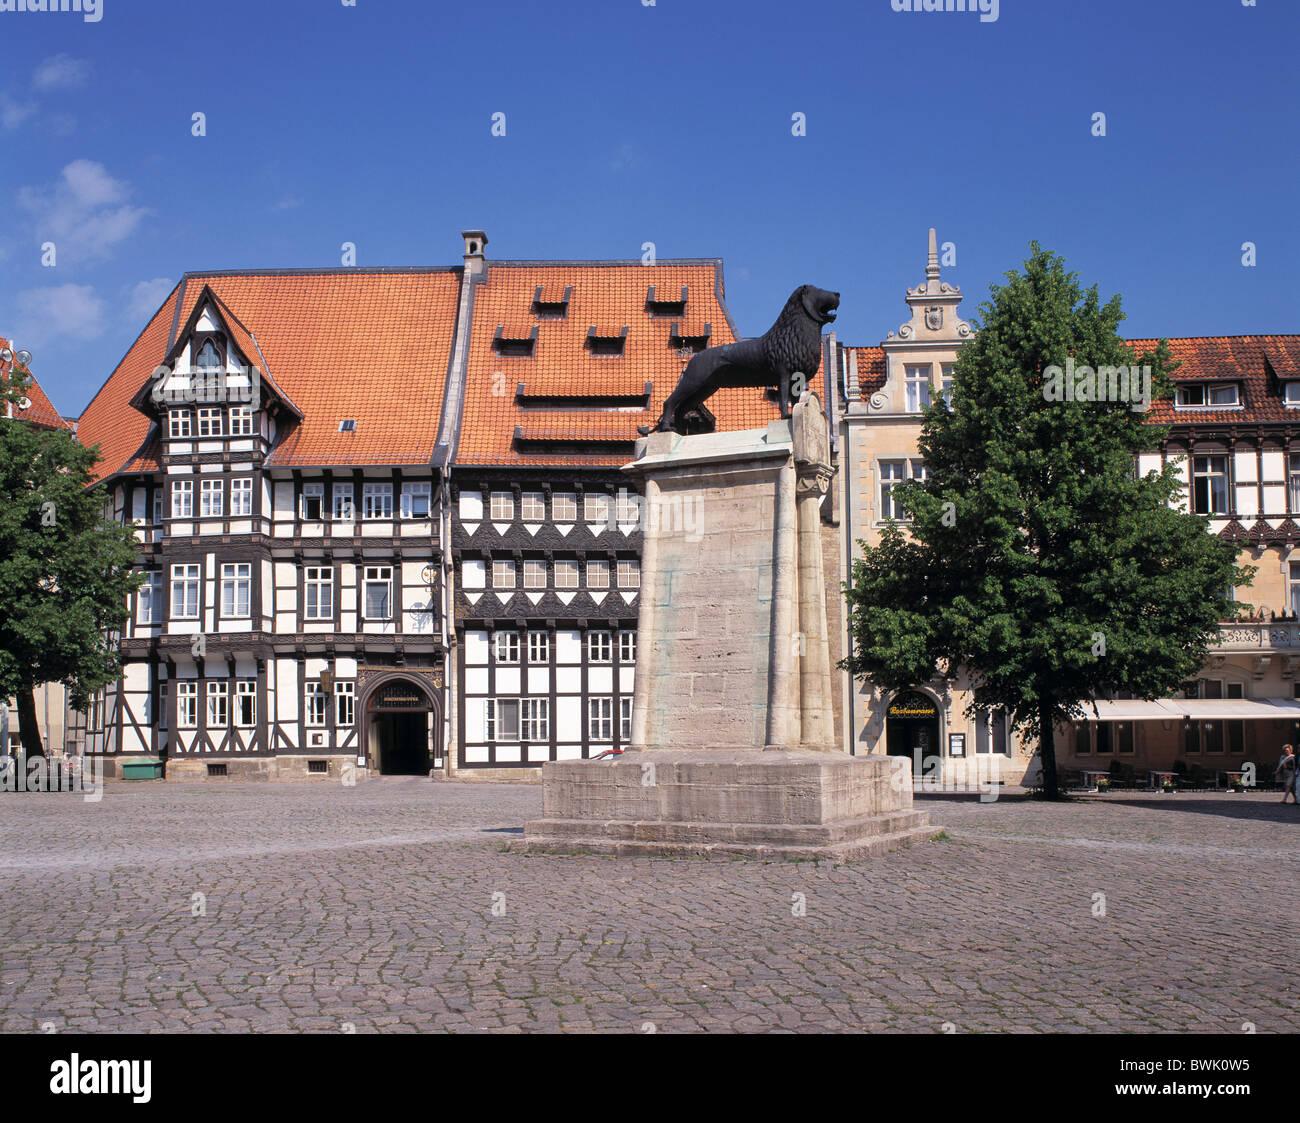 Braunschweiger Altstadt Burg Platzieren Lowenskulpur